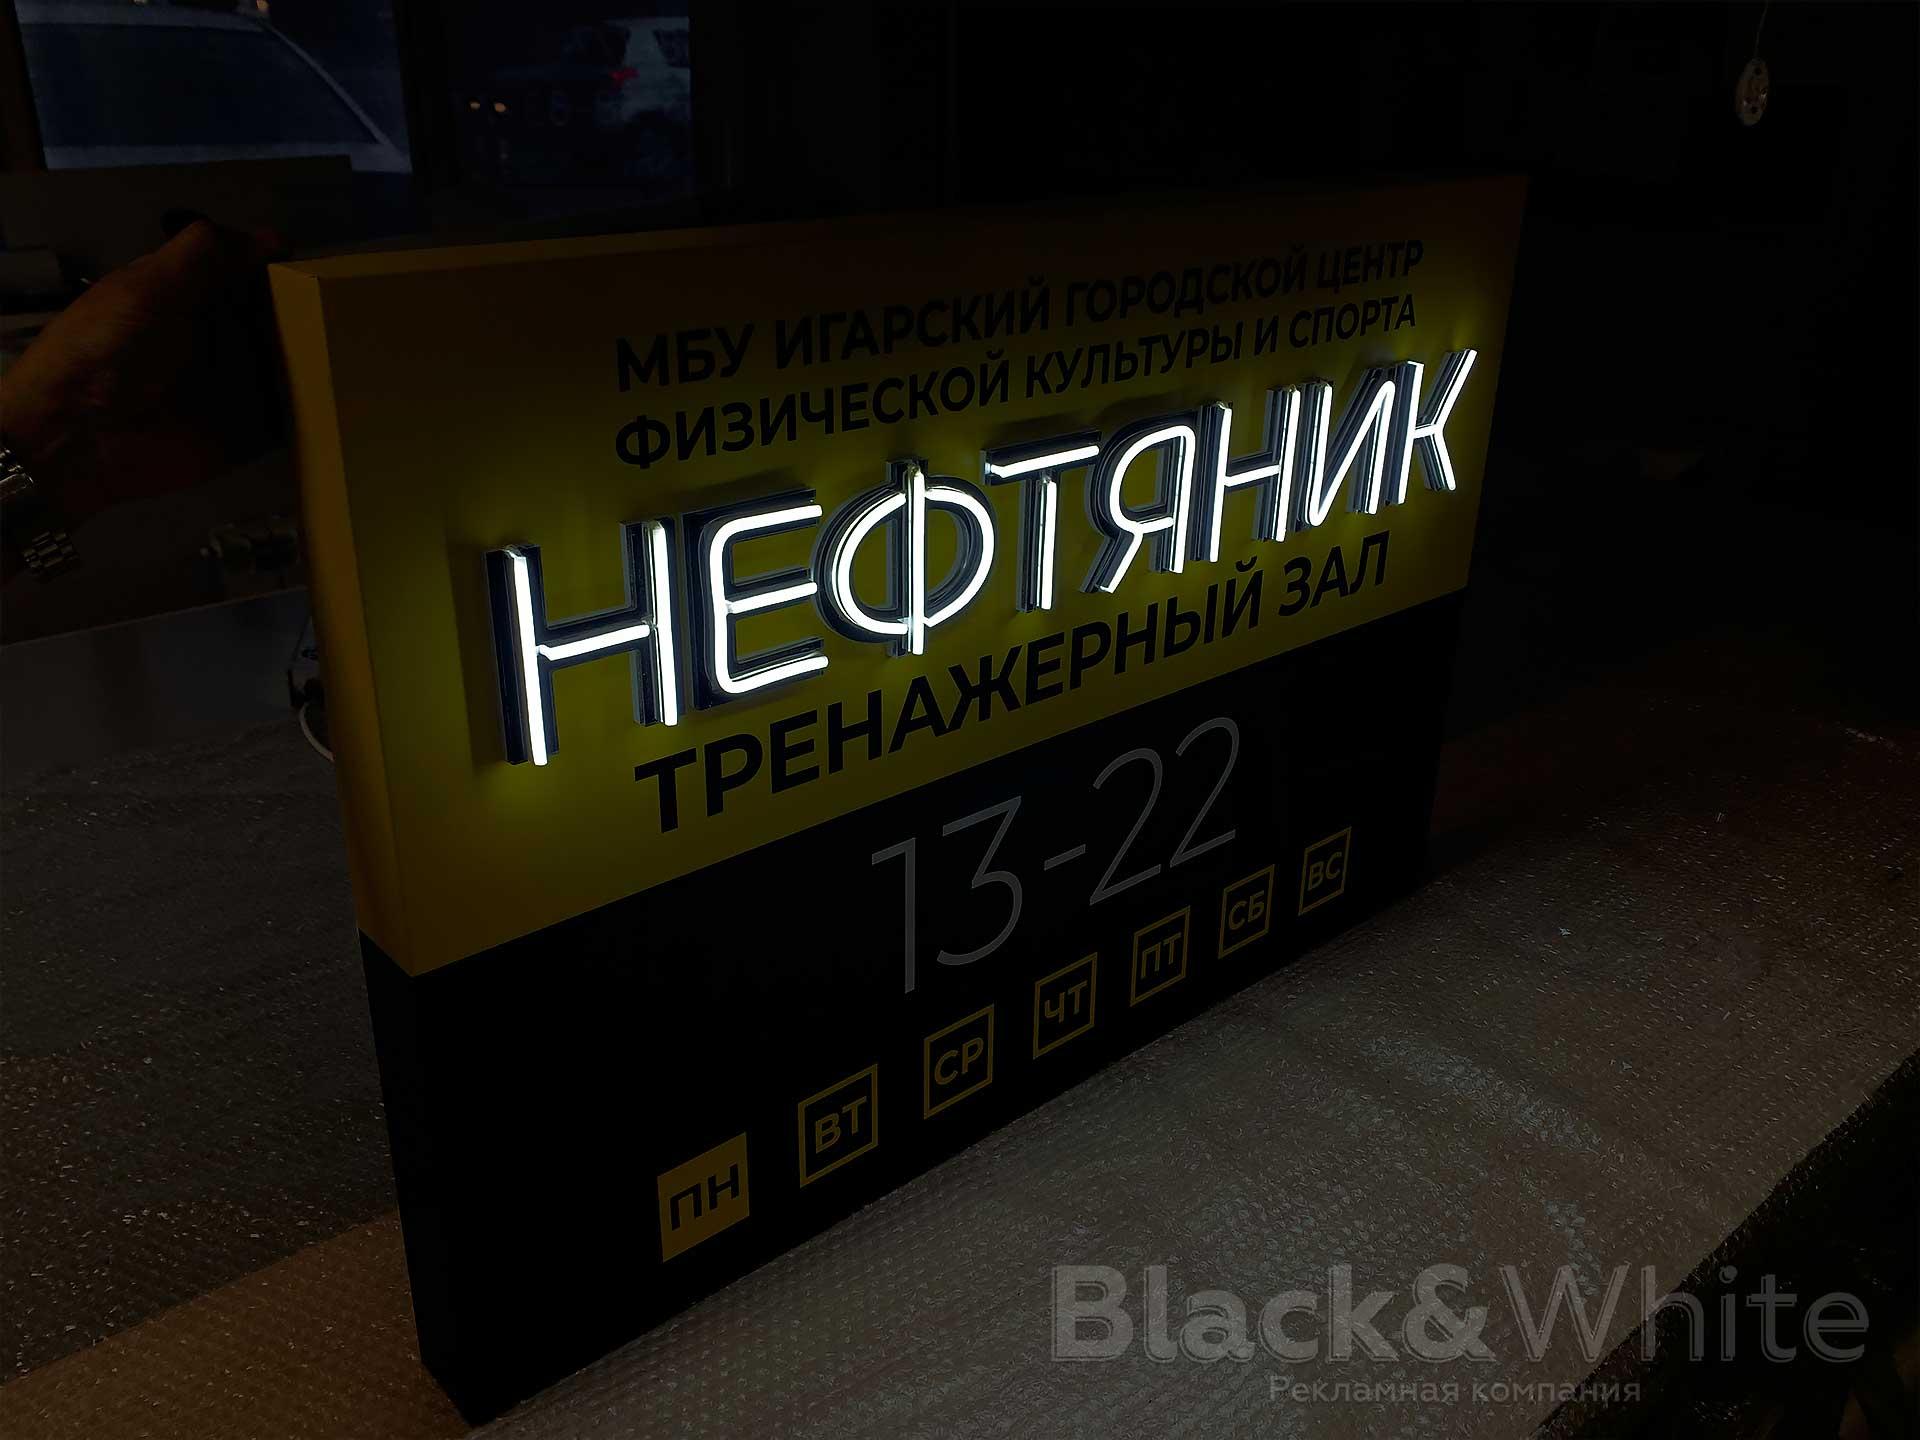 Неоновая-вывеска-для-тренажерного-зала-заказать-в-Красноярске.jpg